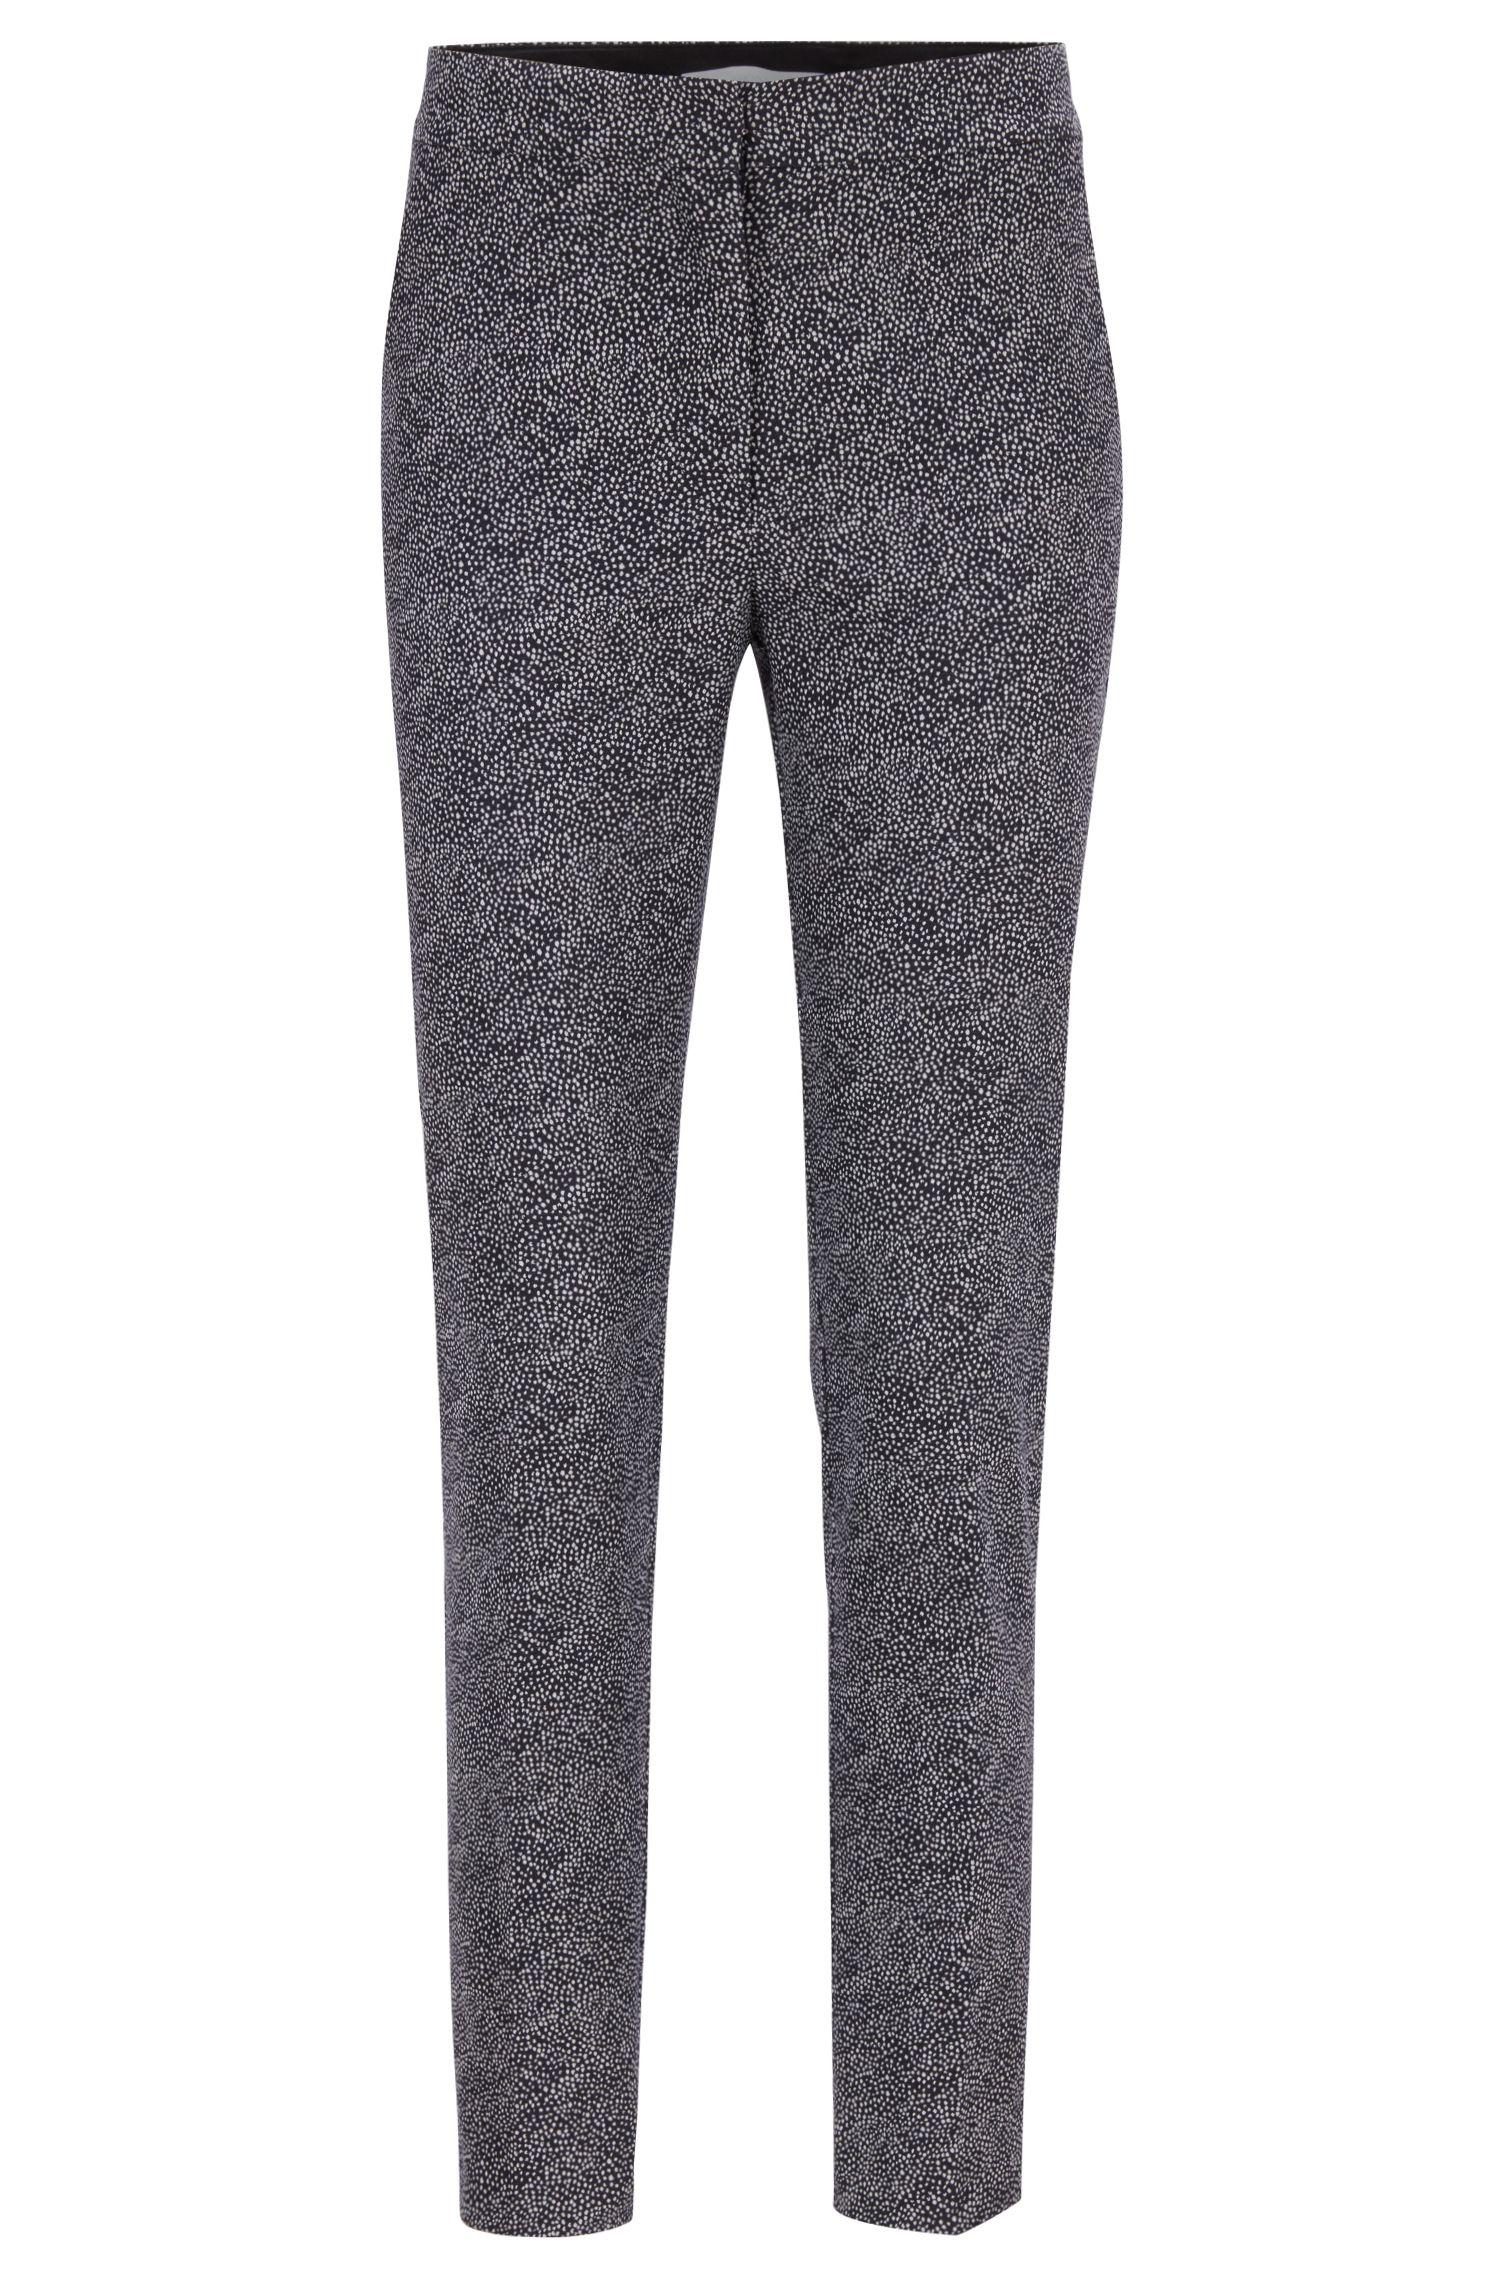 Cropped-Hose aus Stretch-Krepp mit Punkte-Print, Gemustert